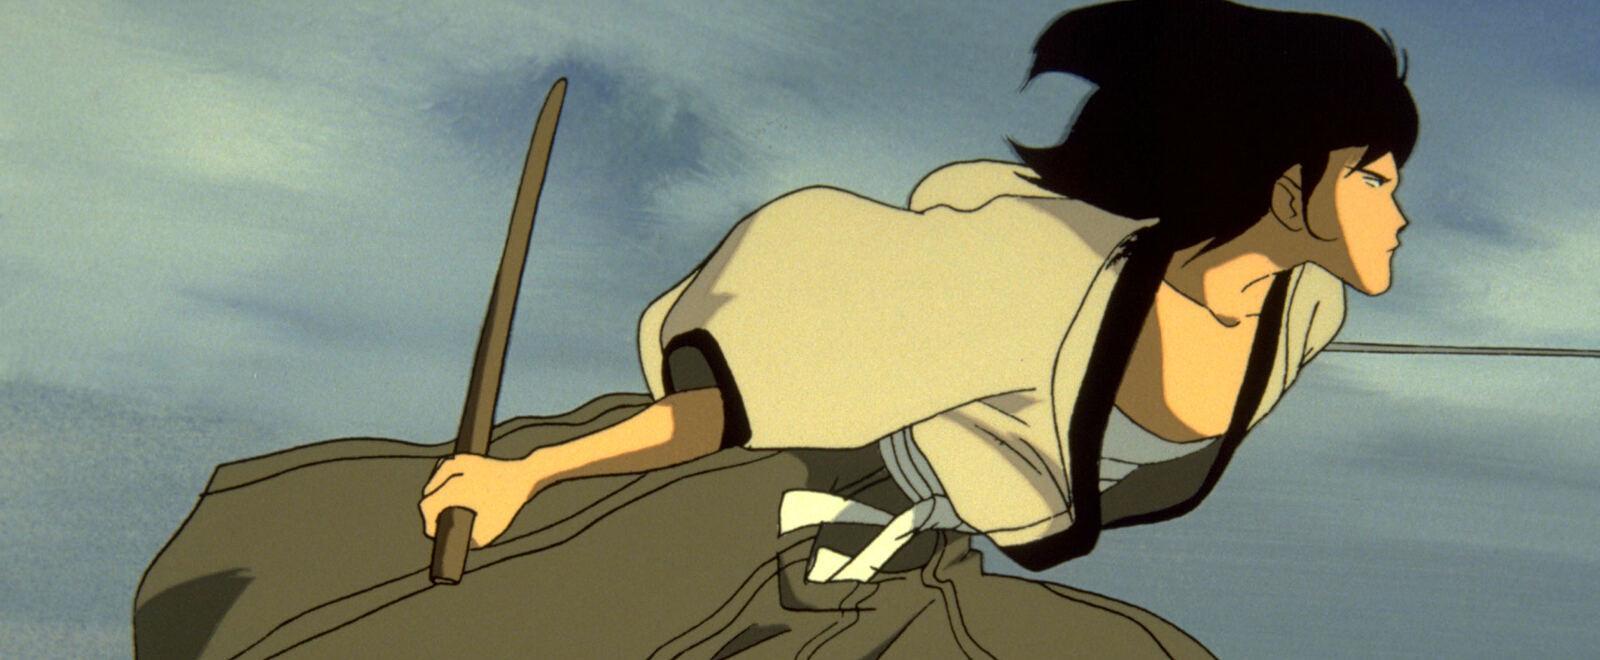 Lupin: Il pericolo e' il mio mestiere